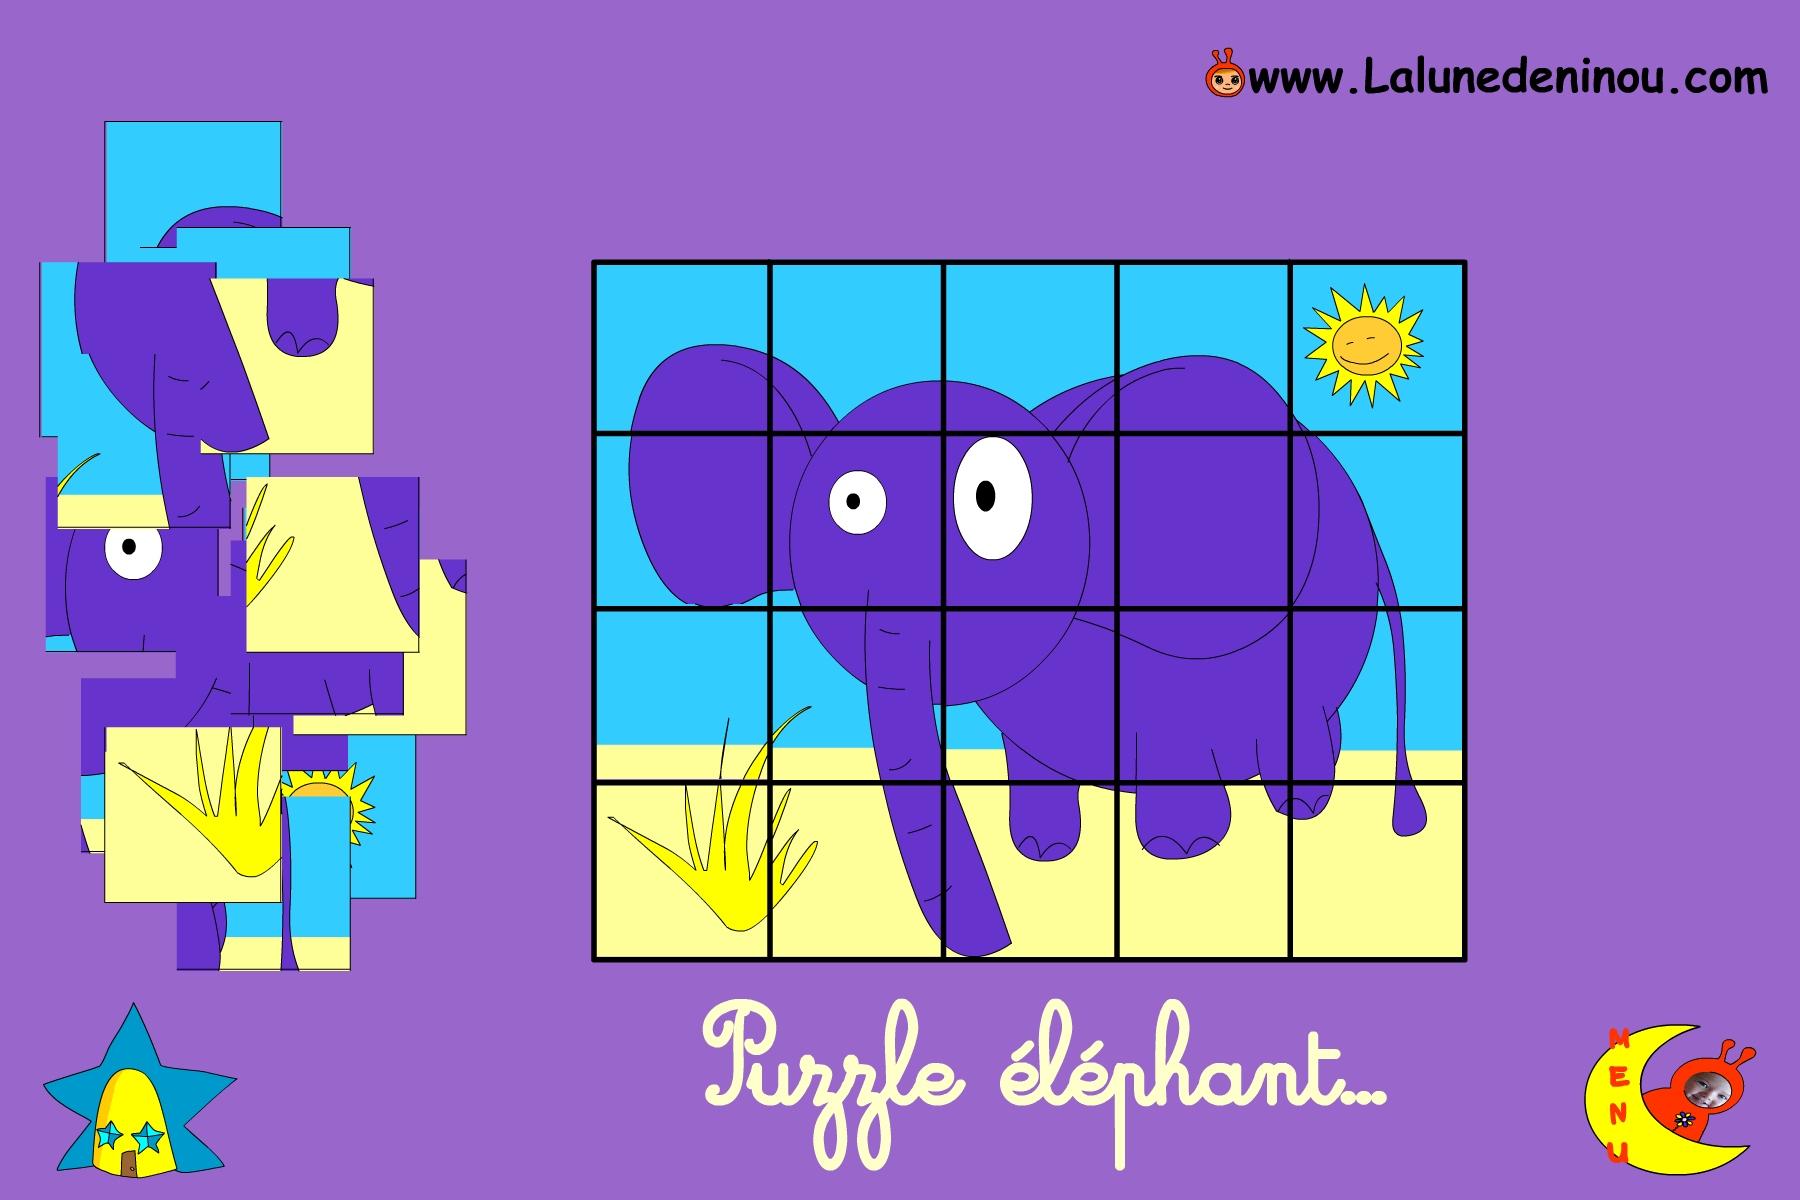 Puzzle En Ligne Pour Enfant De Maternelle - Lalunedeninou guardian Jeux Educatif 3 Ans En Ligne